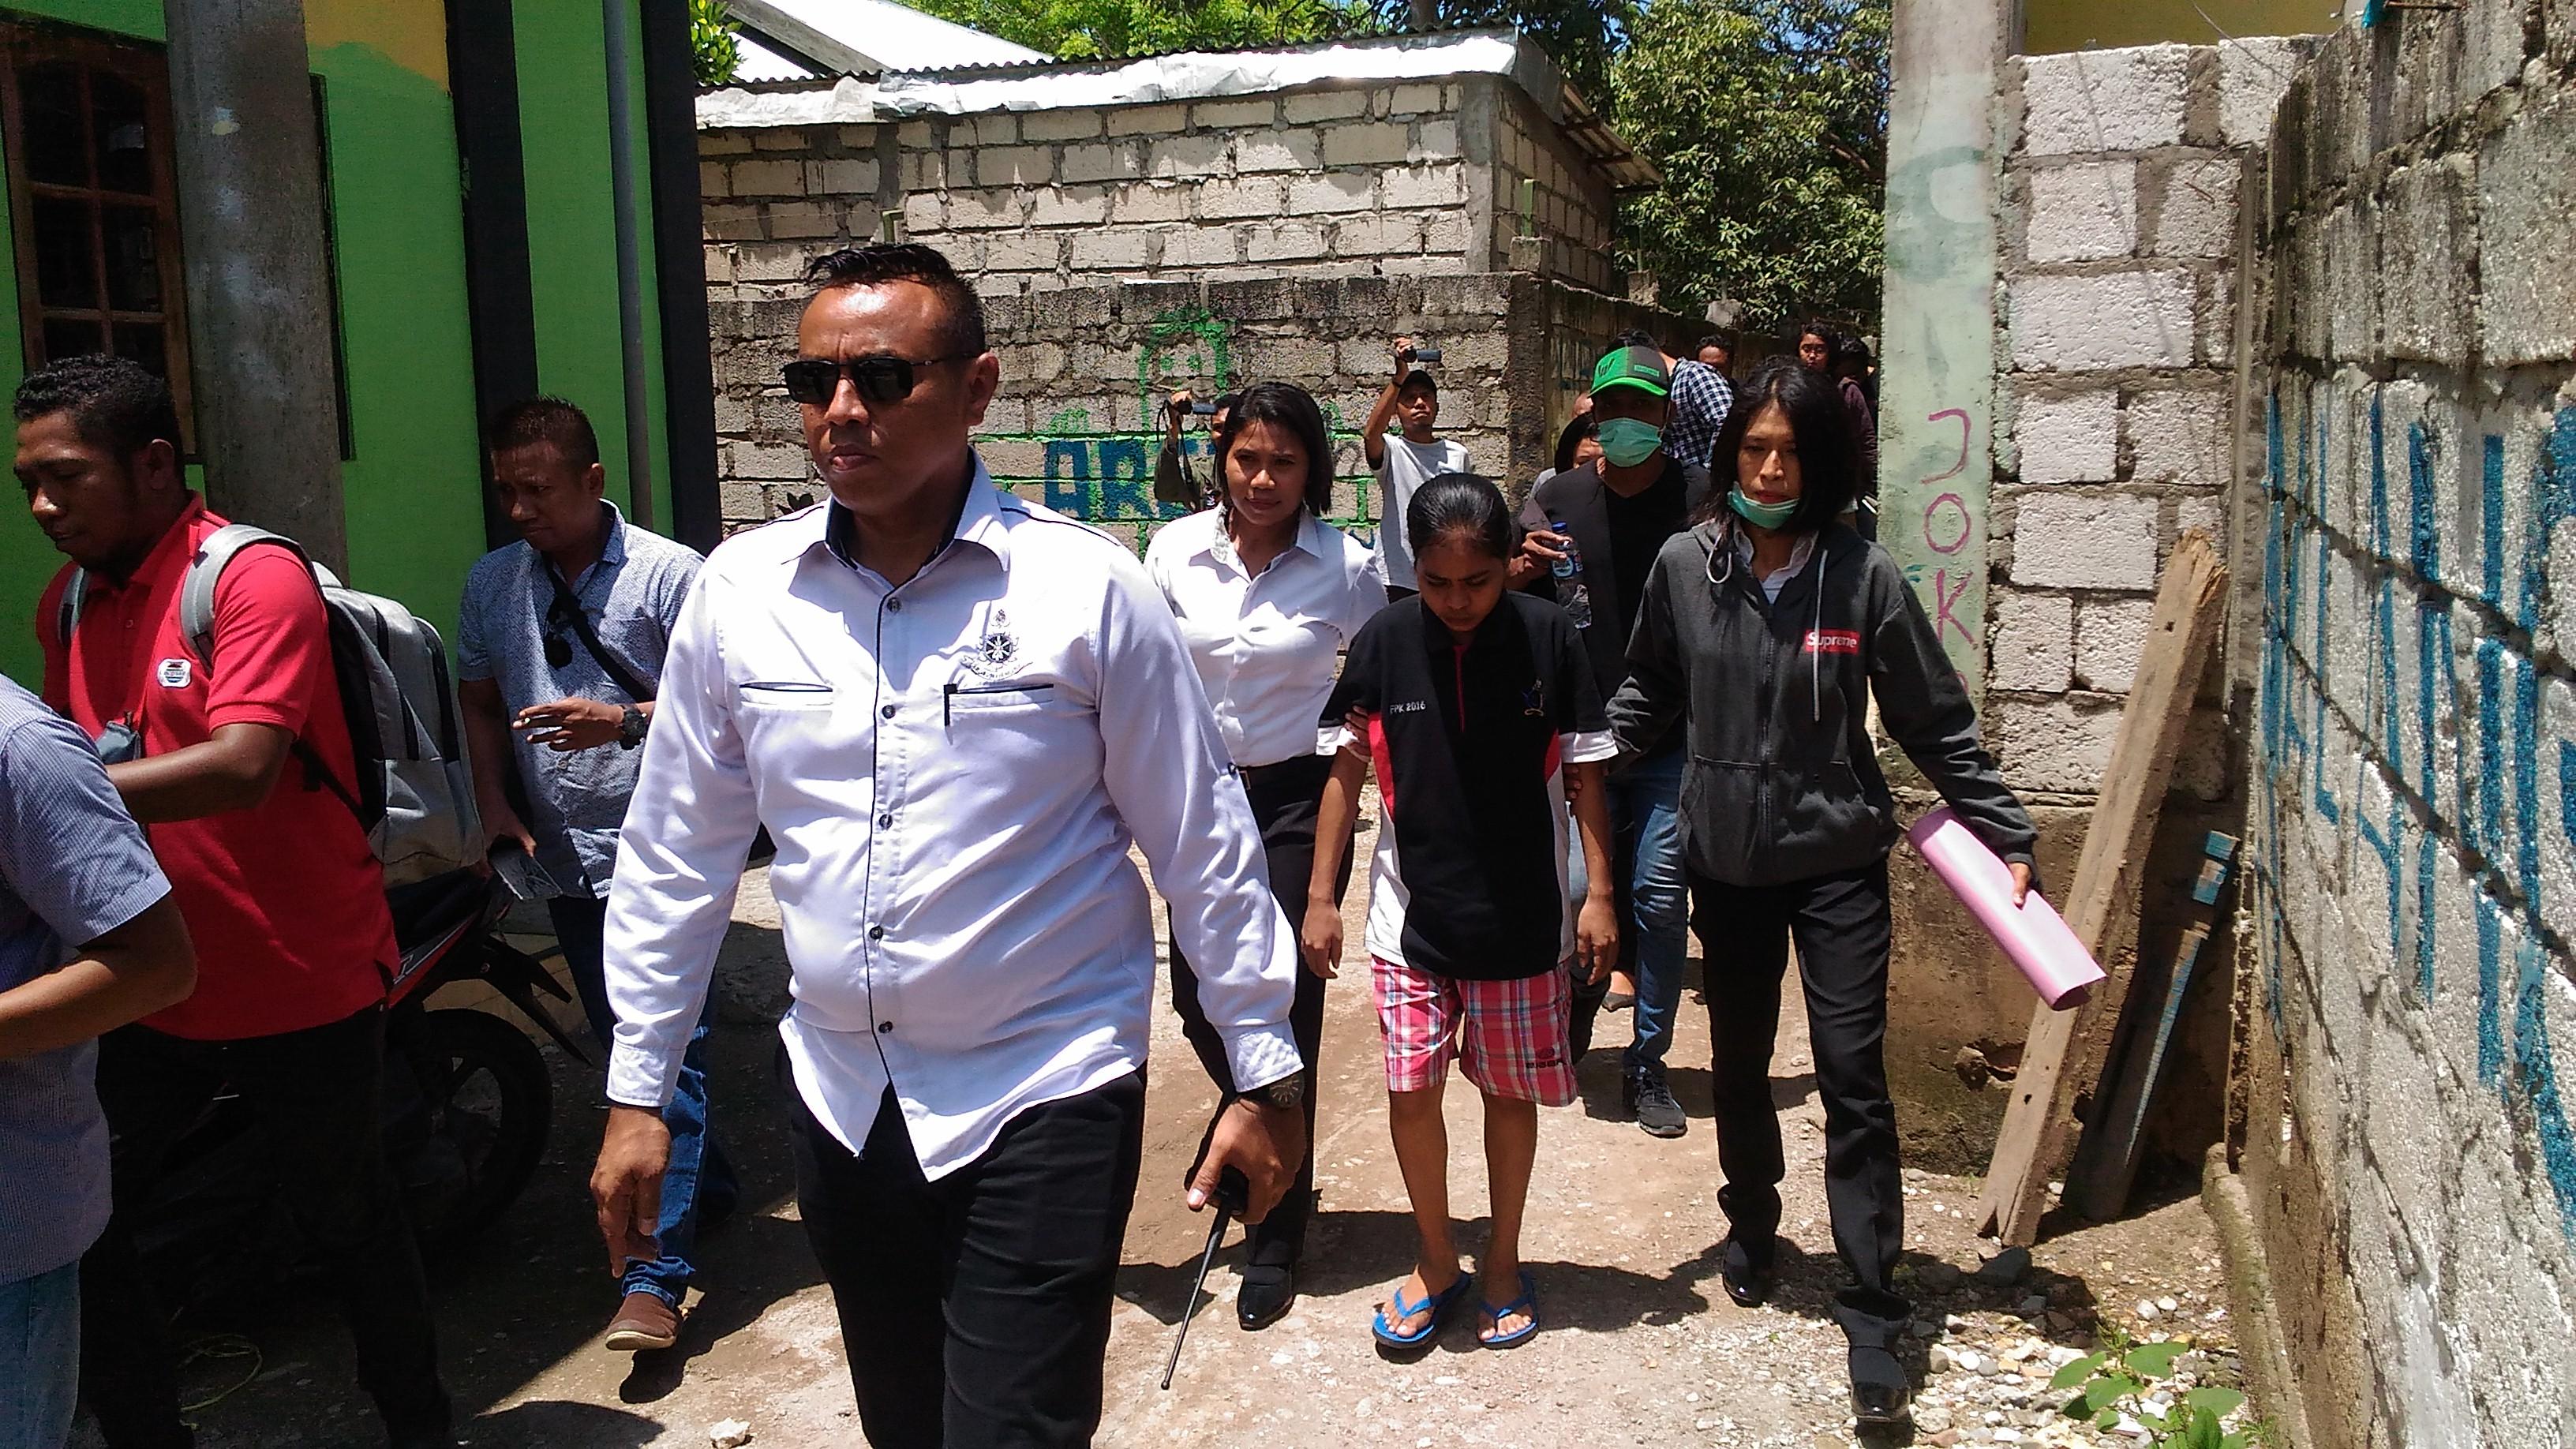 Tersangka NI (baju hitam) saat digiring aparat Polres Kupang Kota untuk menjalani rekonstruksi di kos miliknya. (Foto: Andyos/BN)